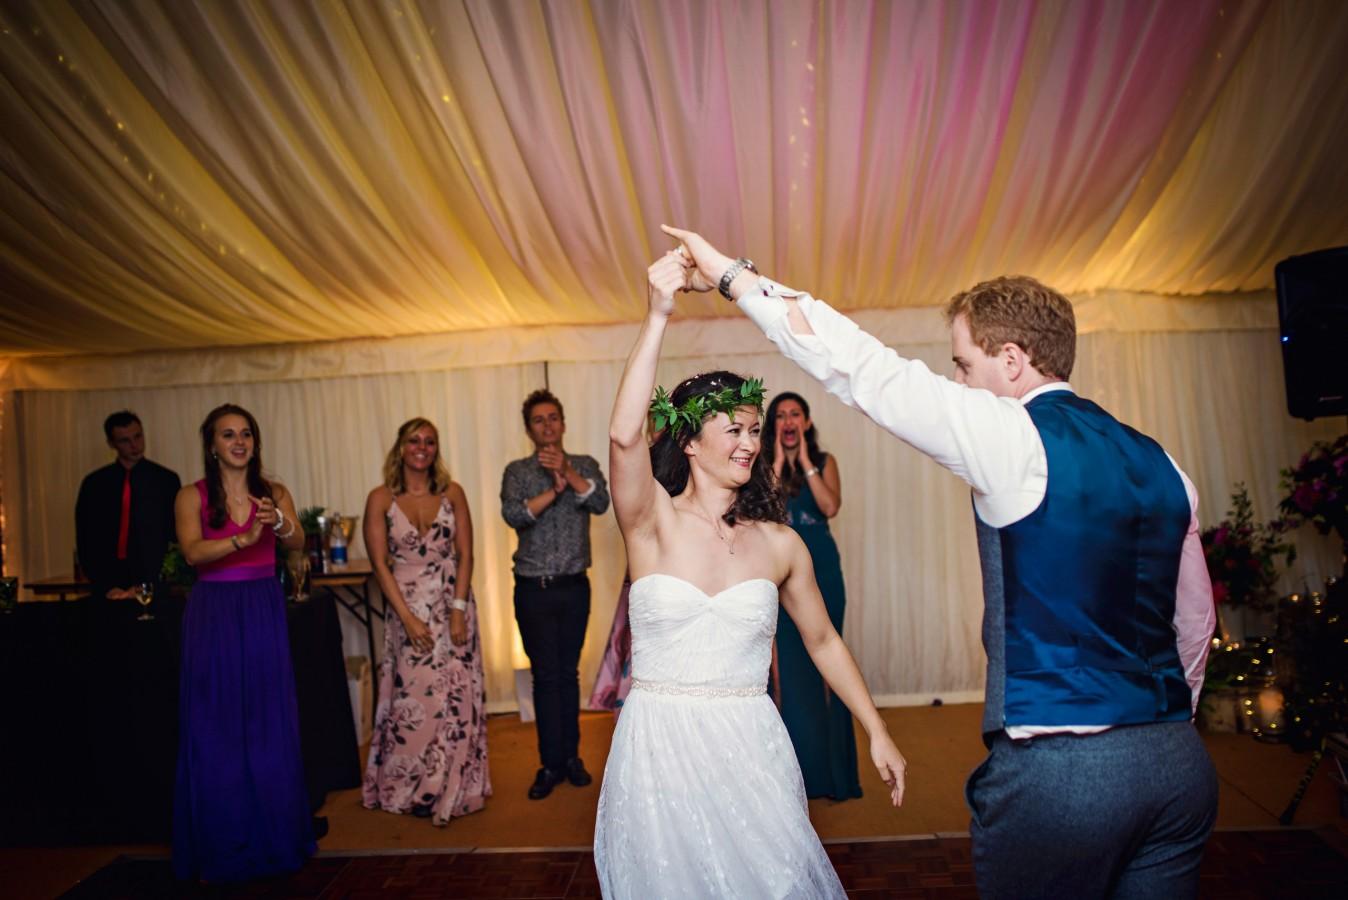 Hampshire Wedding Photographer - GK Photography-246